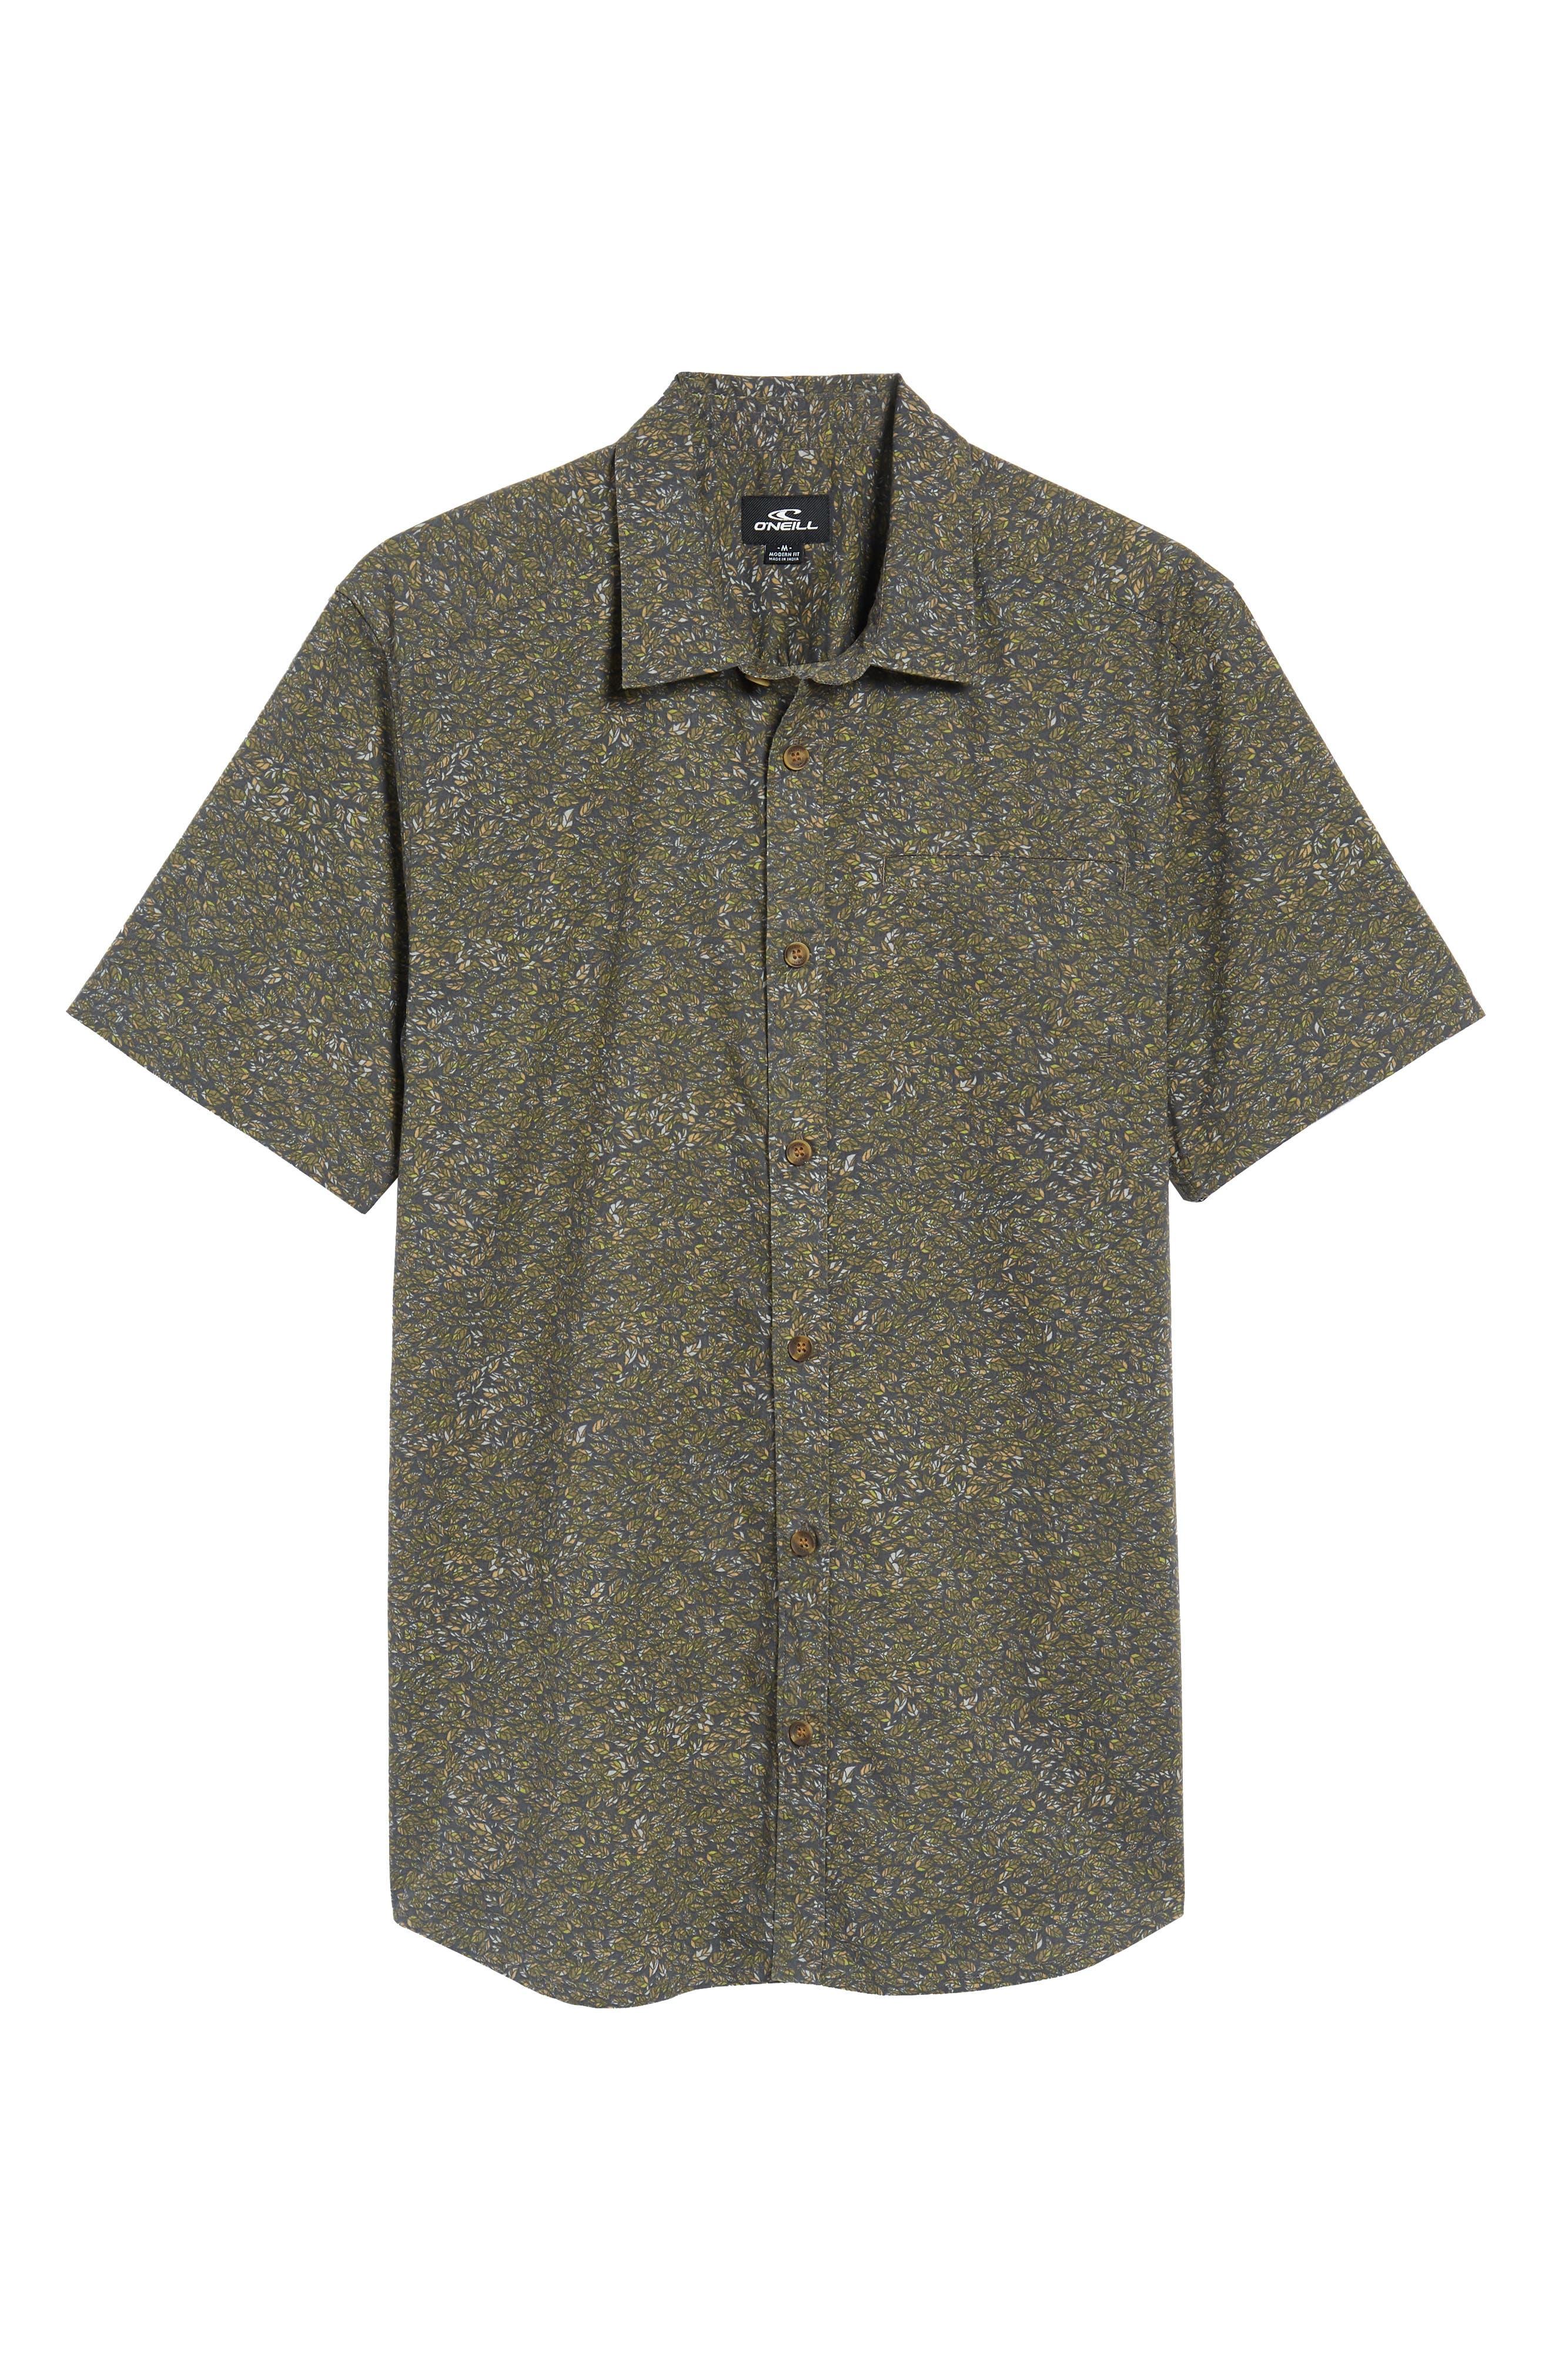 Livingston Short Sleeve Shirt,                             Alternate thumbnail 6, color,                             Asphalt